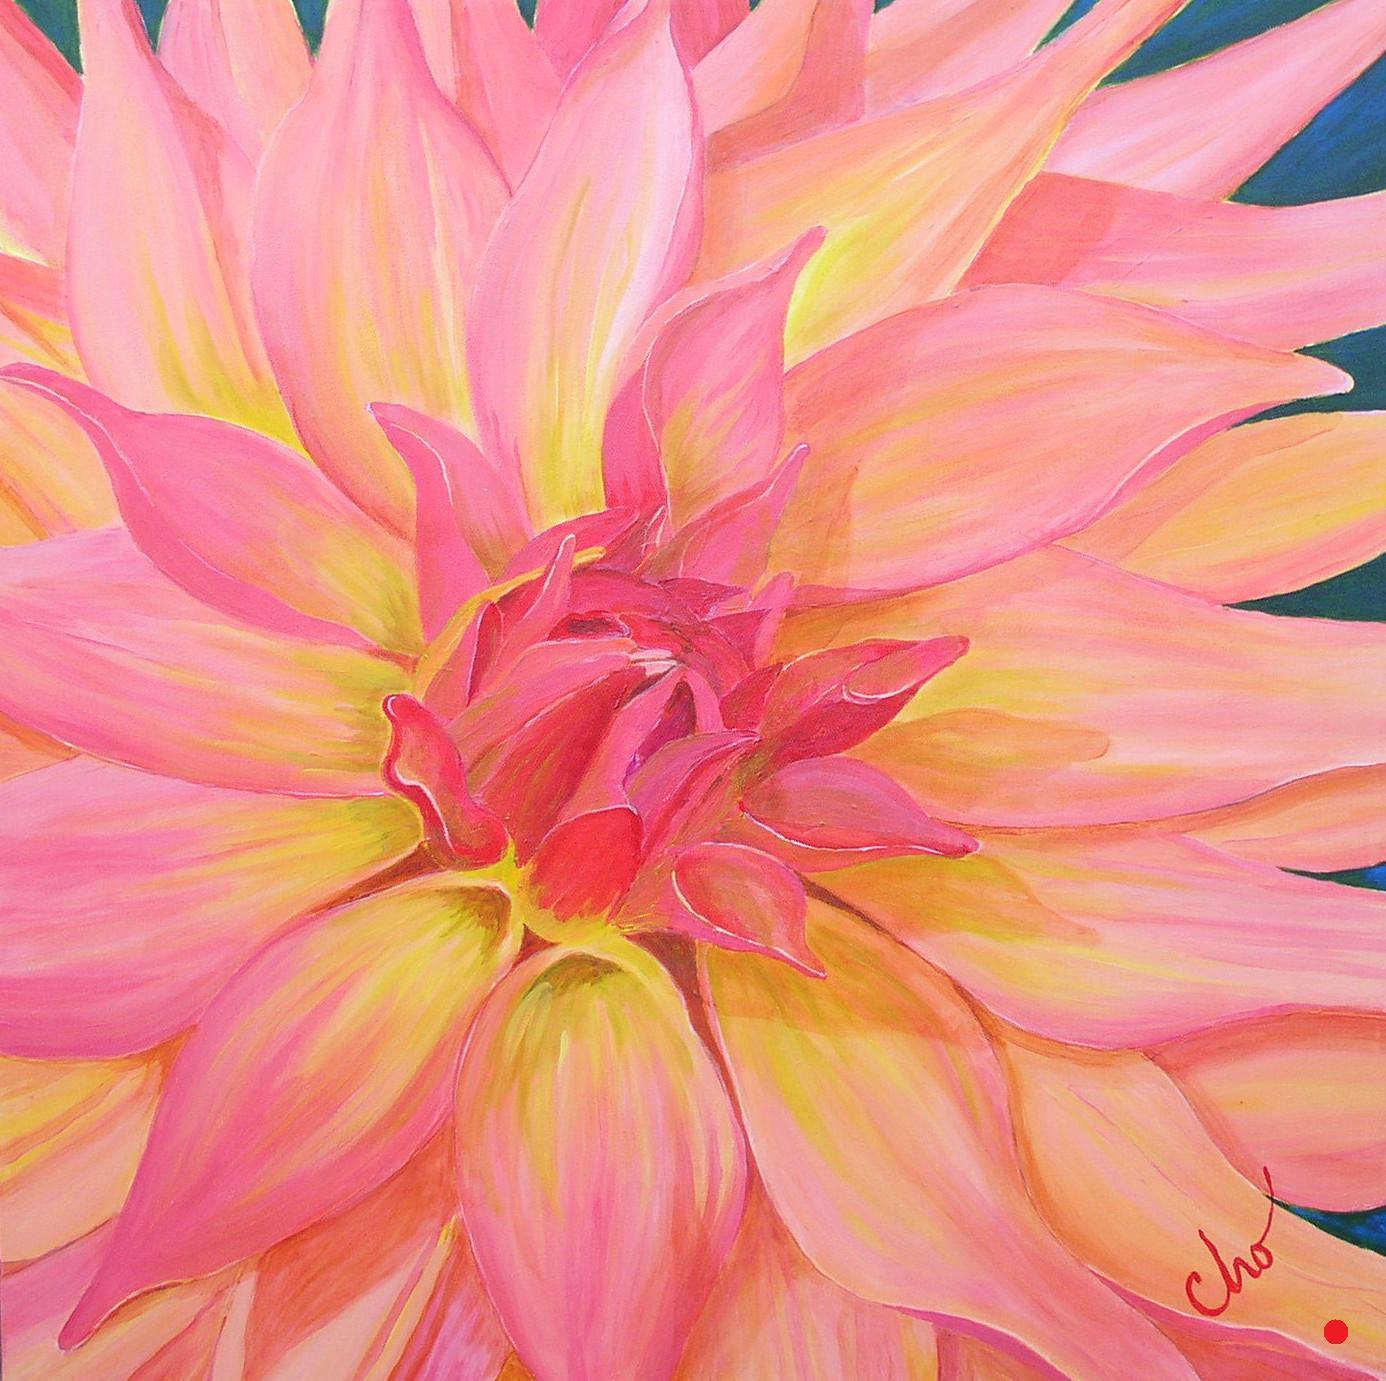 Apricot Dahlia 24x24 Nov08.jpg